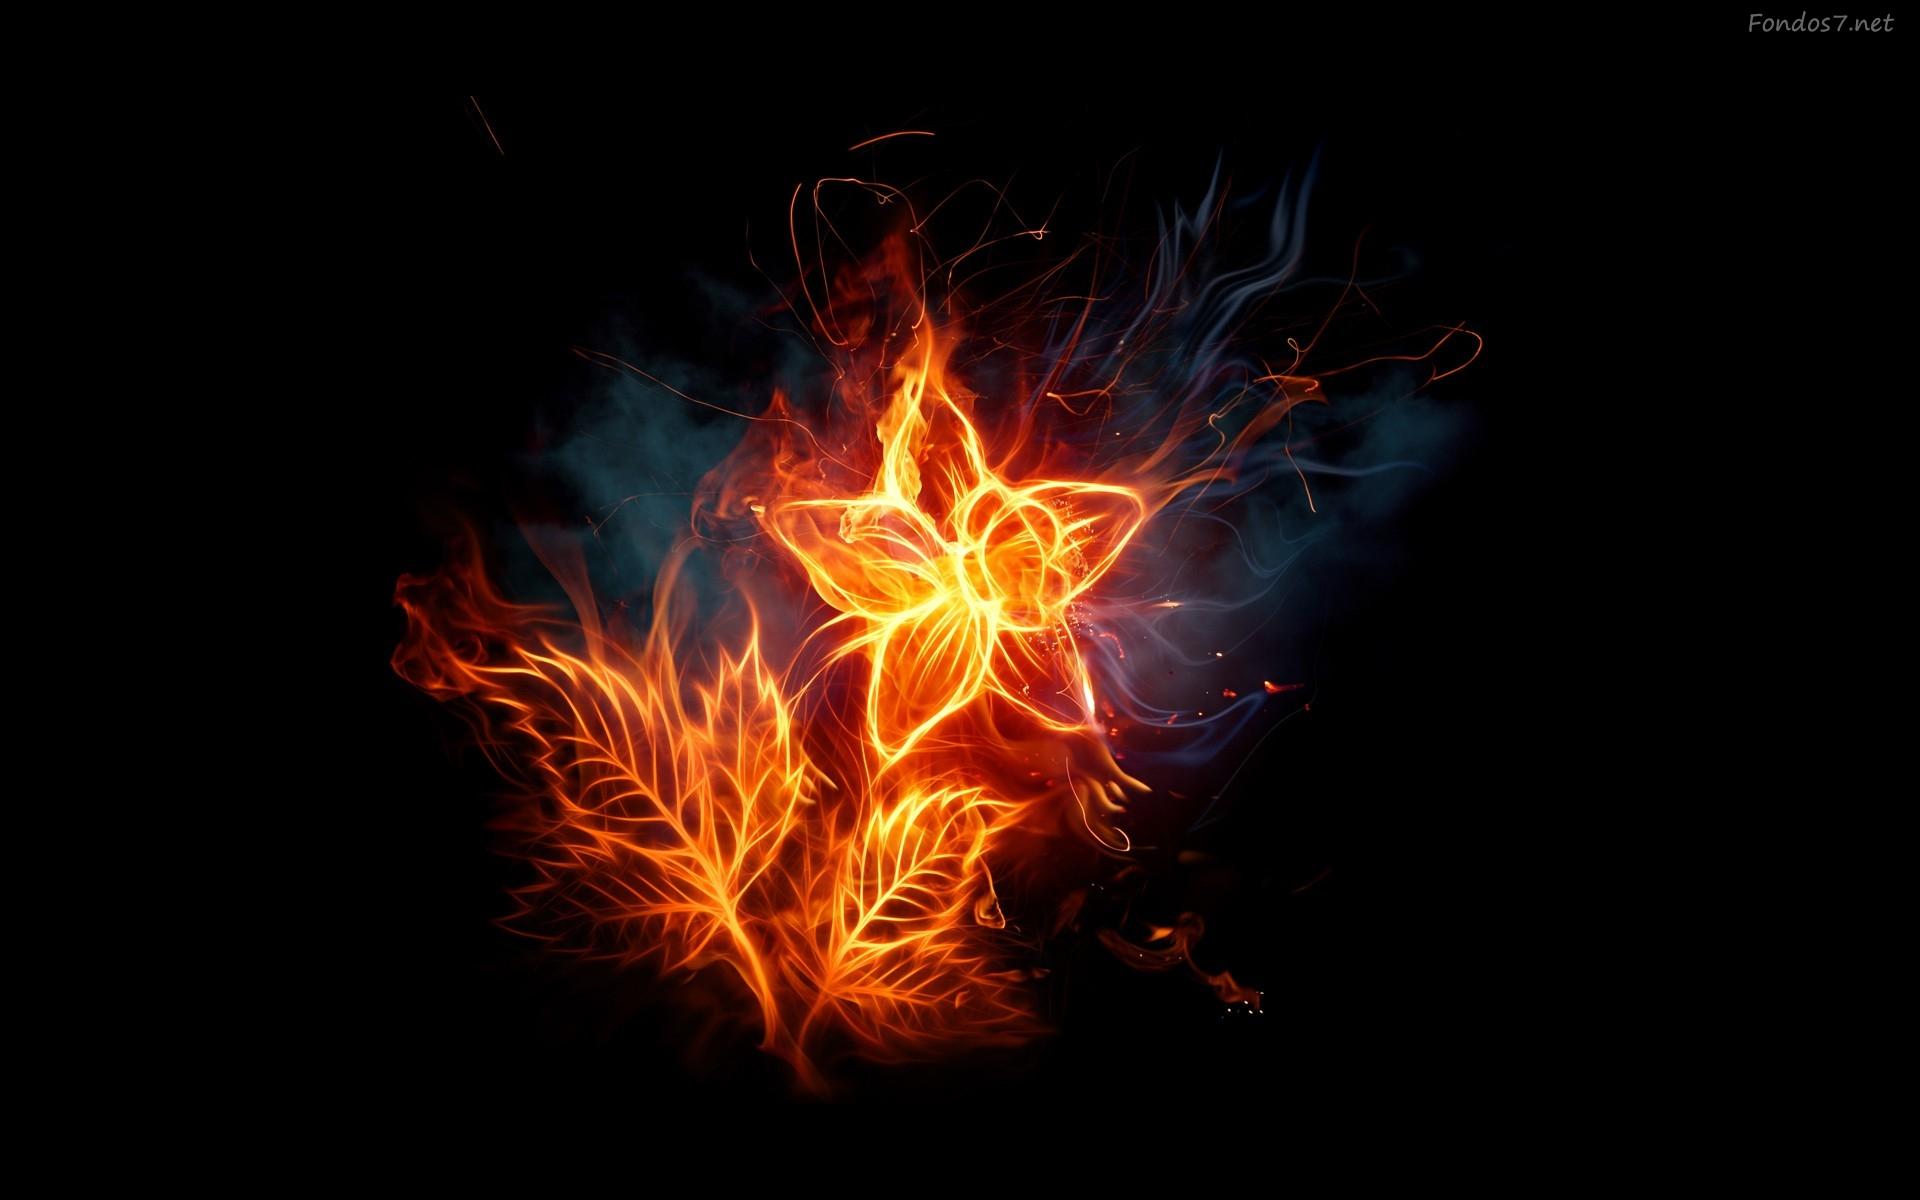 Jordan Carver Hd Best Flames Flowers On Fire 446417 Wallpaper wallpaper